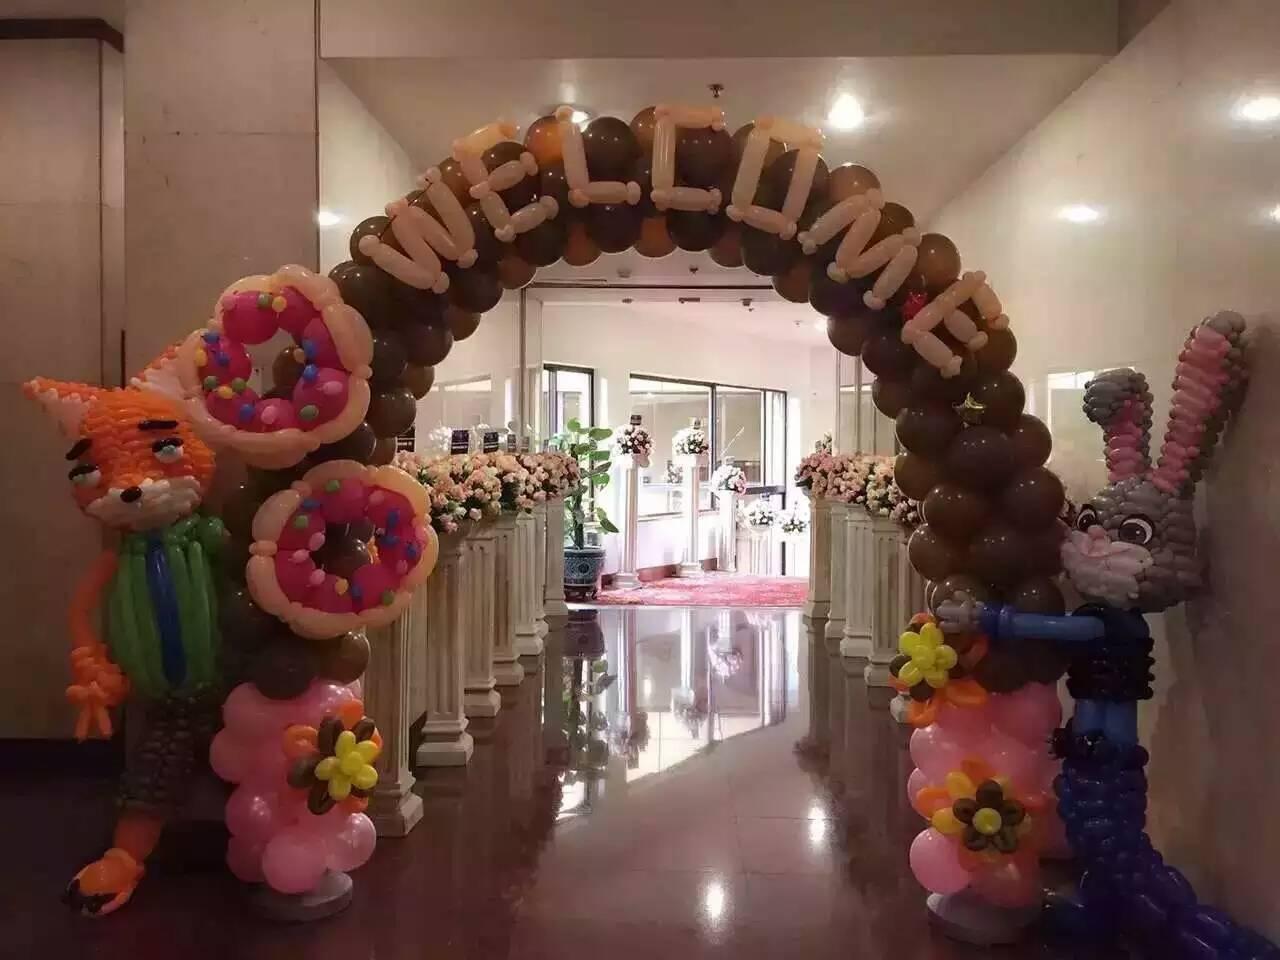 QQ:451751303 电话:13092513037 公司介绍: 球迷气球成立于2002年,经过10年多的努力,球迷气球已经成为苏南地区领先的儿童庆典品牌,公司专注于宝宝宴、百日宴、满月宴、周岁宴及儿童生日派对的布置和策划,自公司成立以来已经为众多的宝宝宴提供过策划服务,并且在客户当中获得了良好的客户口碑,服务过的客户遍布无锡、苏州、常州、江阴、南京各个城市,随着业务的不断扩大,球迷气球除了上海总部外,目前在常州、无锡、苏州、徐州、合肥、福州、呼和浩特、昆明、浙江各地也设立了相应的分部。 态度: 我们球